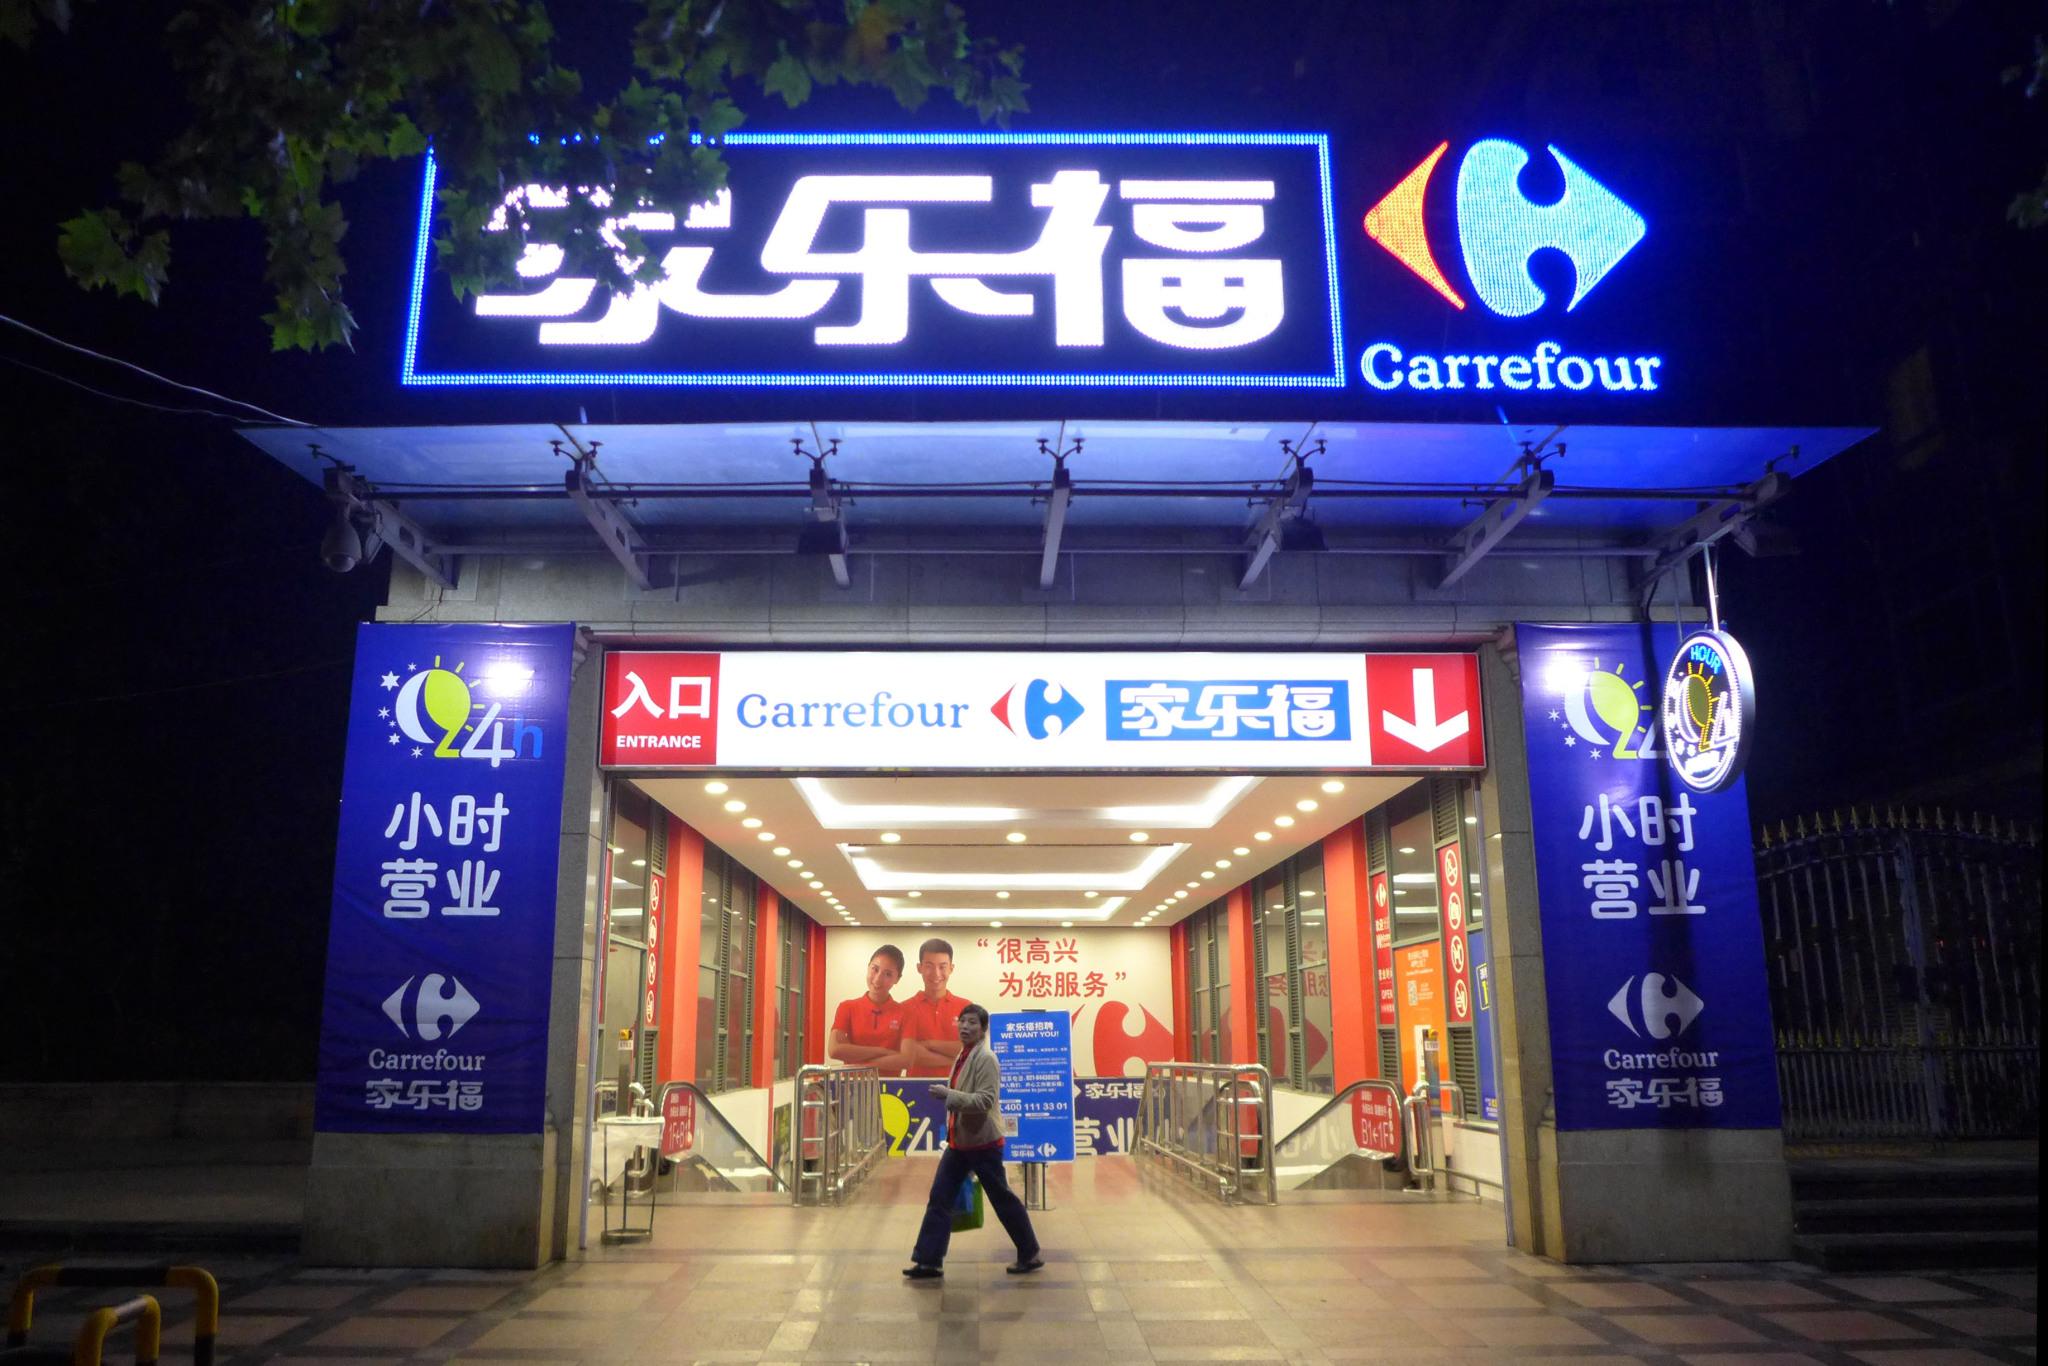 夜猫子有福了!上海开出全国首家24小时家乐福!